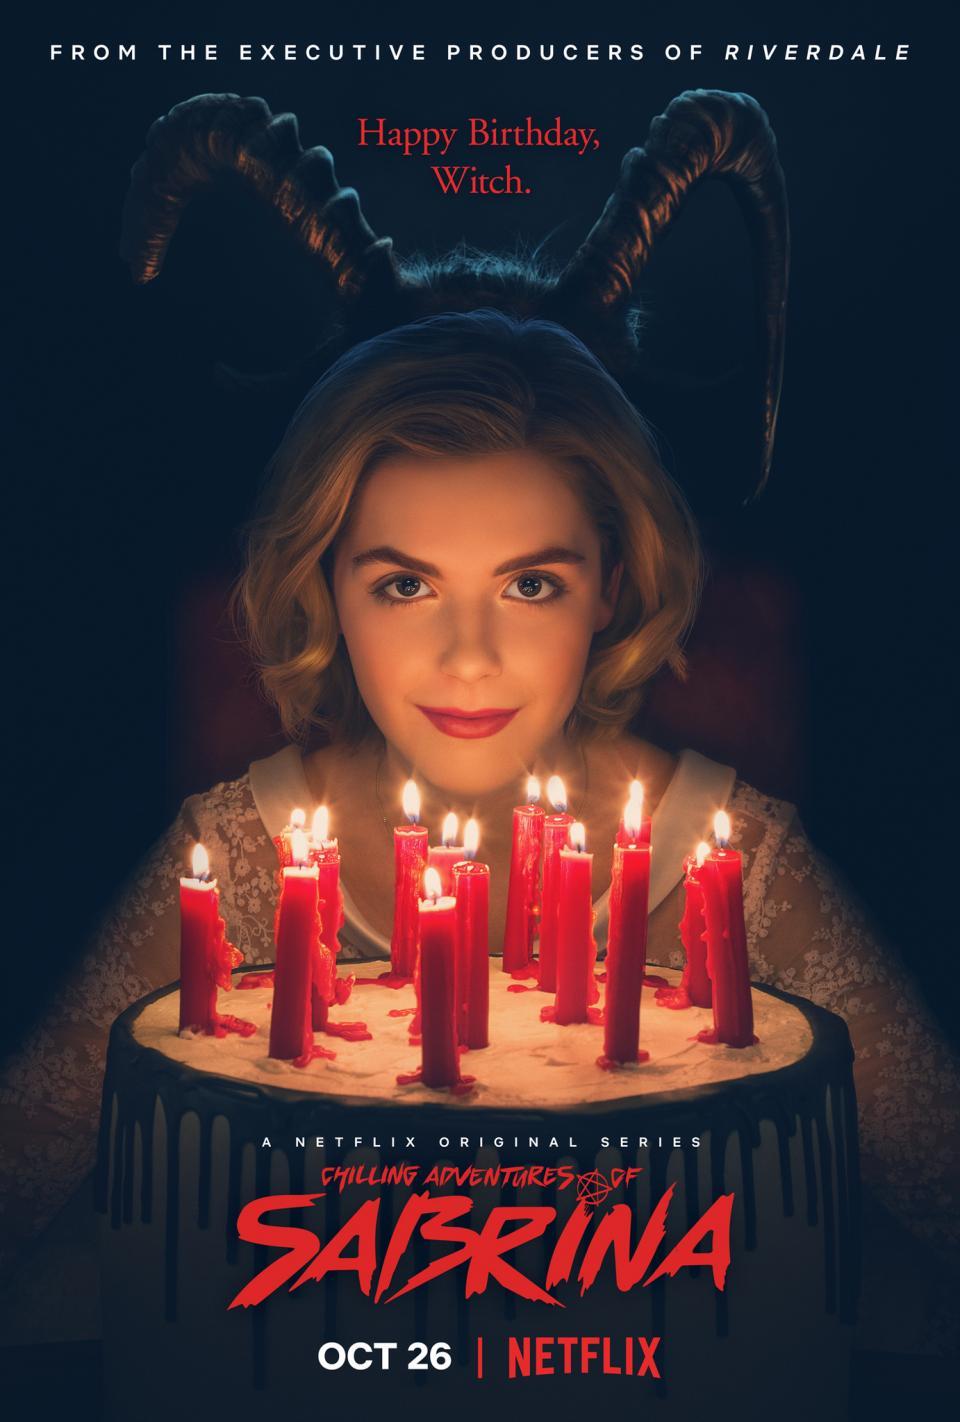 Bối cảnh phim bắt đầu trước ngày sinh nhật lần thứ 16 của Sabrina, thời  điểm mà cô sẽ làm lễ rửa tội truyền thống của phù thủy dưới mặt trăng máu  ...